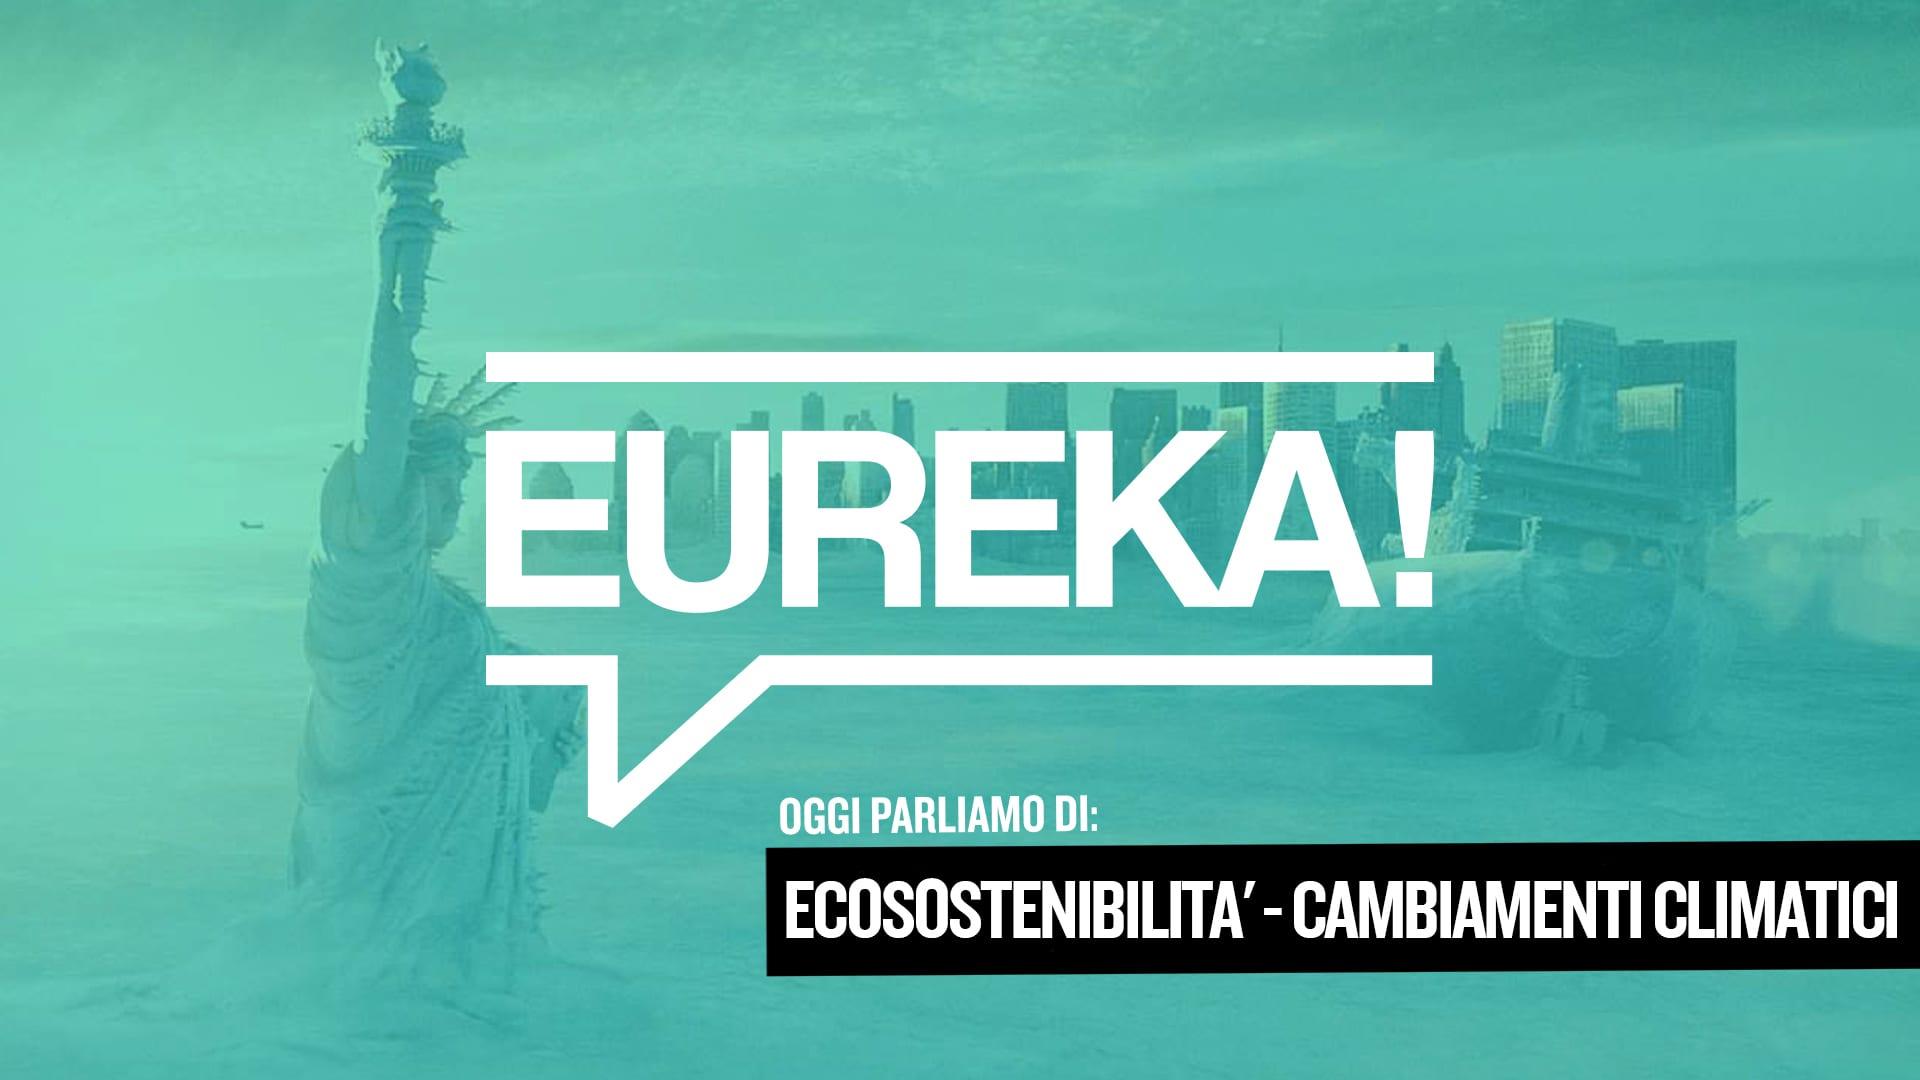 Eureka! 20 – Ecosostenibilità e Cambiamenti Climatici